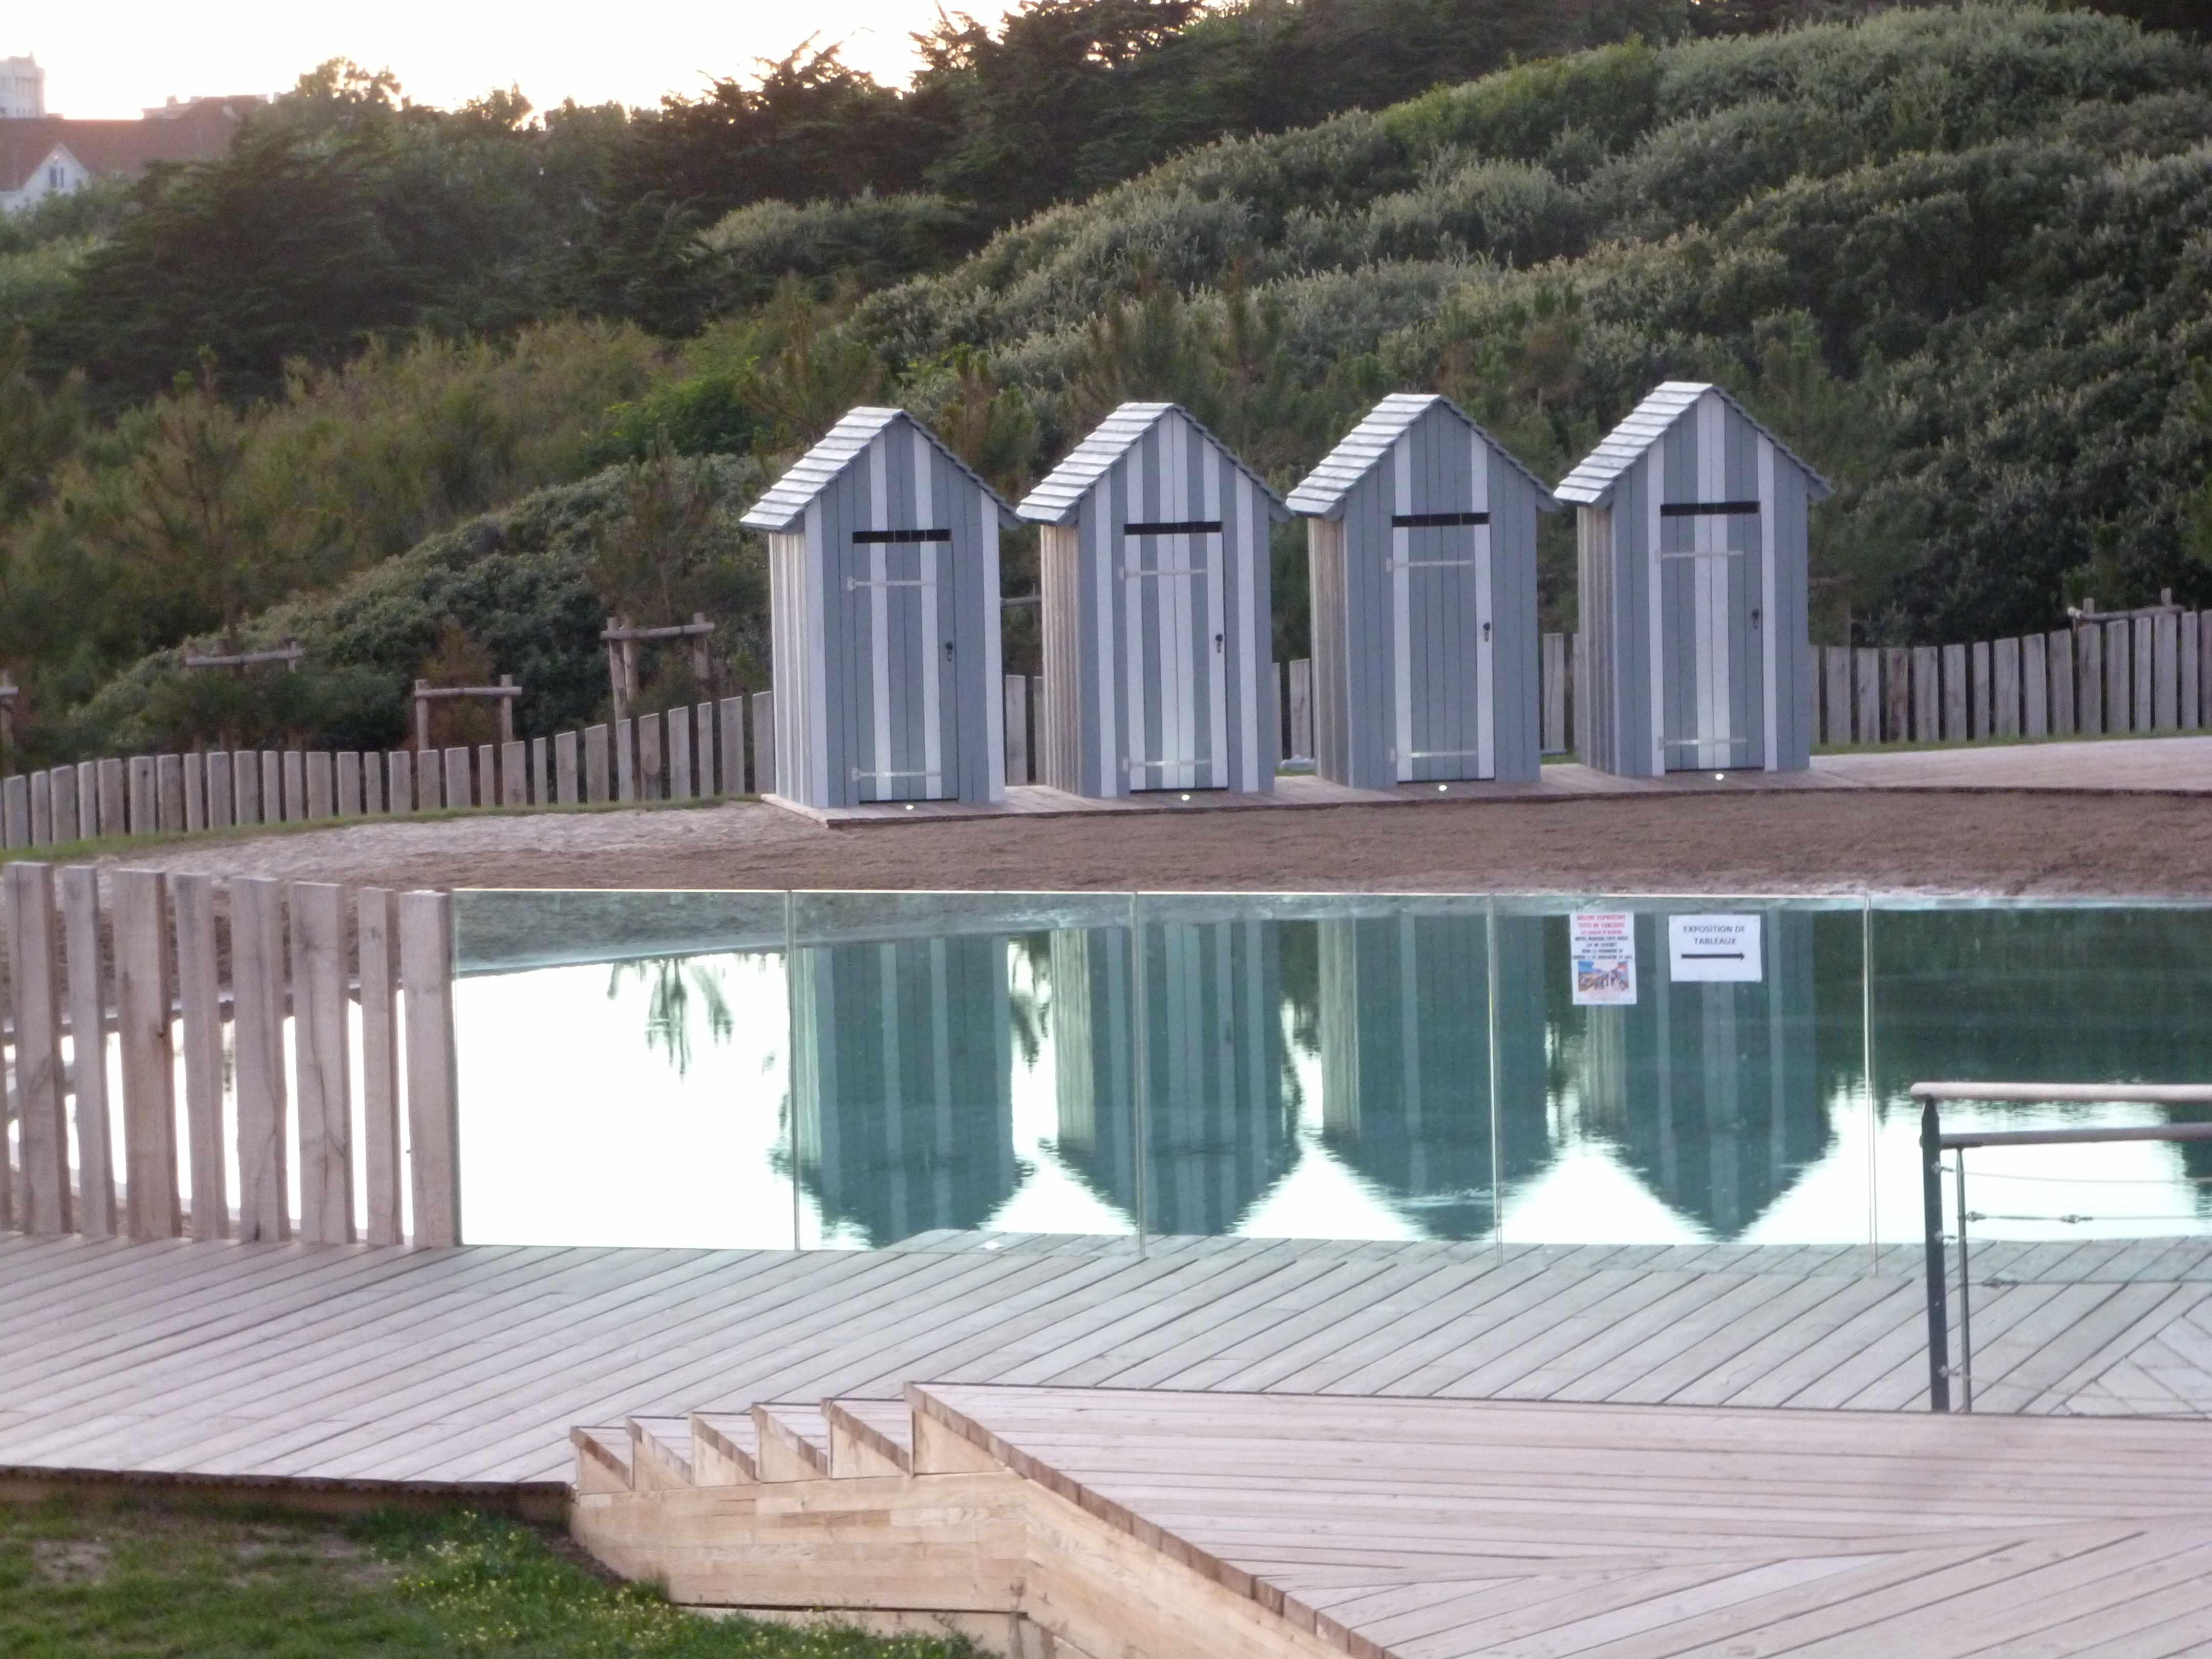 D co bord de mer - Fabriquer une cabine de plage ...